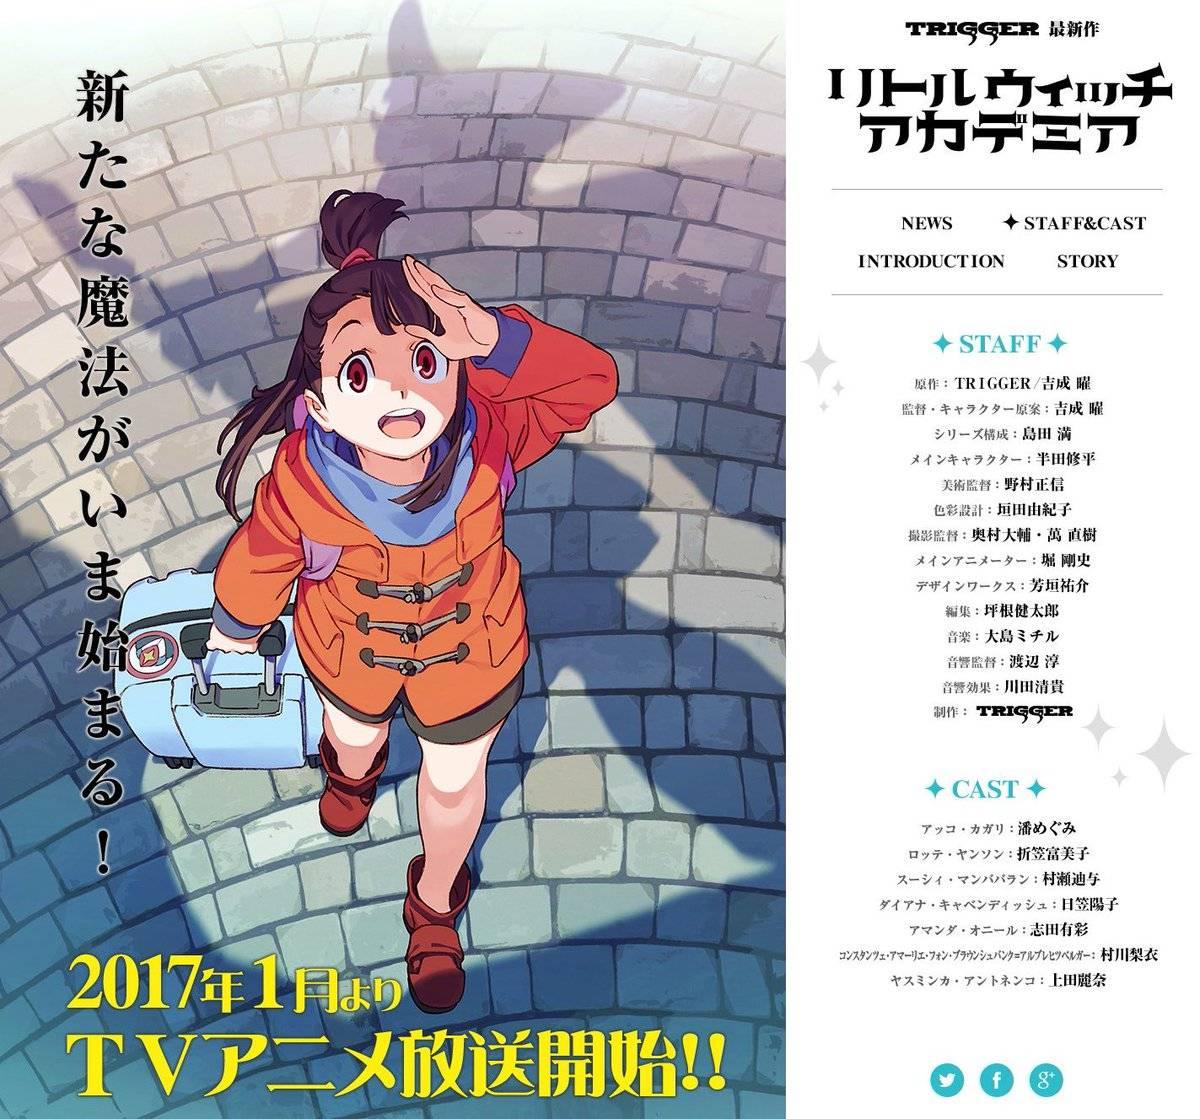 TVアニメ「リトルウィッチアカデミア」2017年1月からの放送が決定!